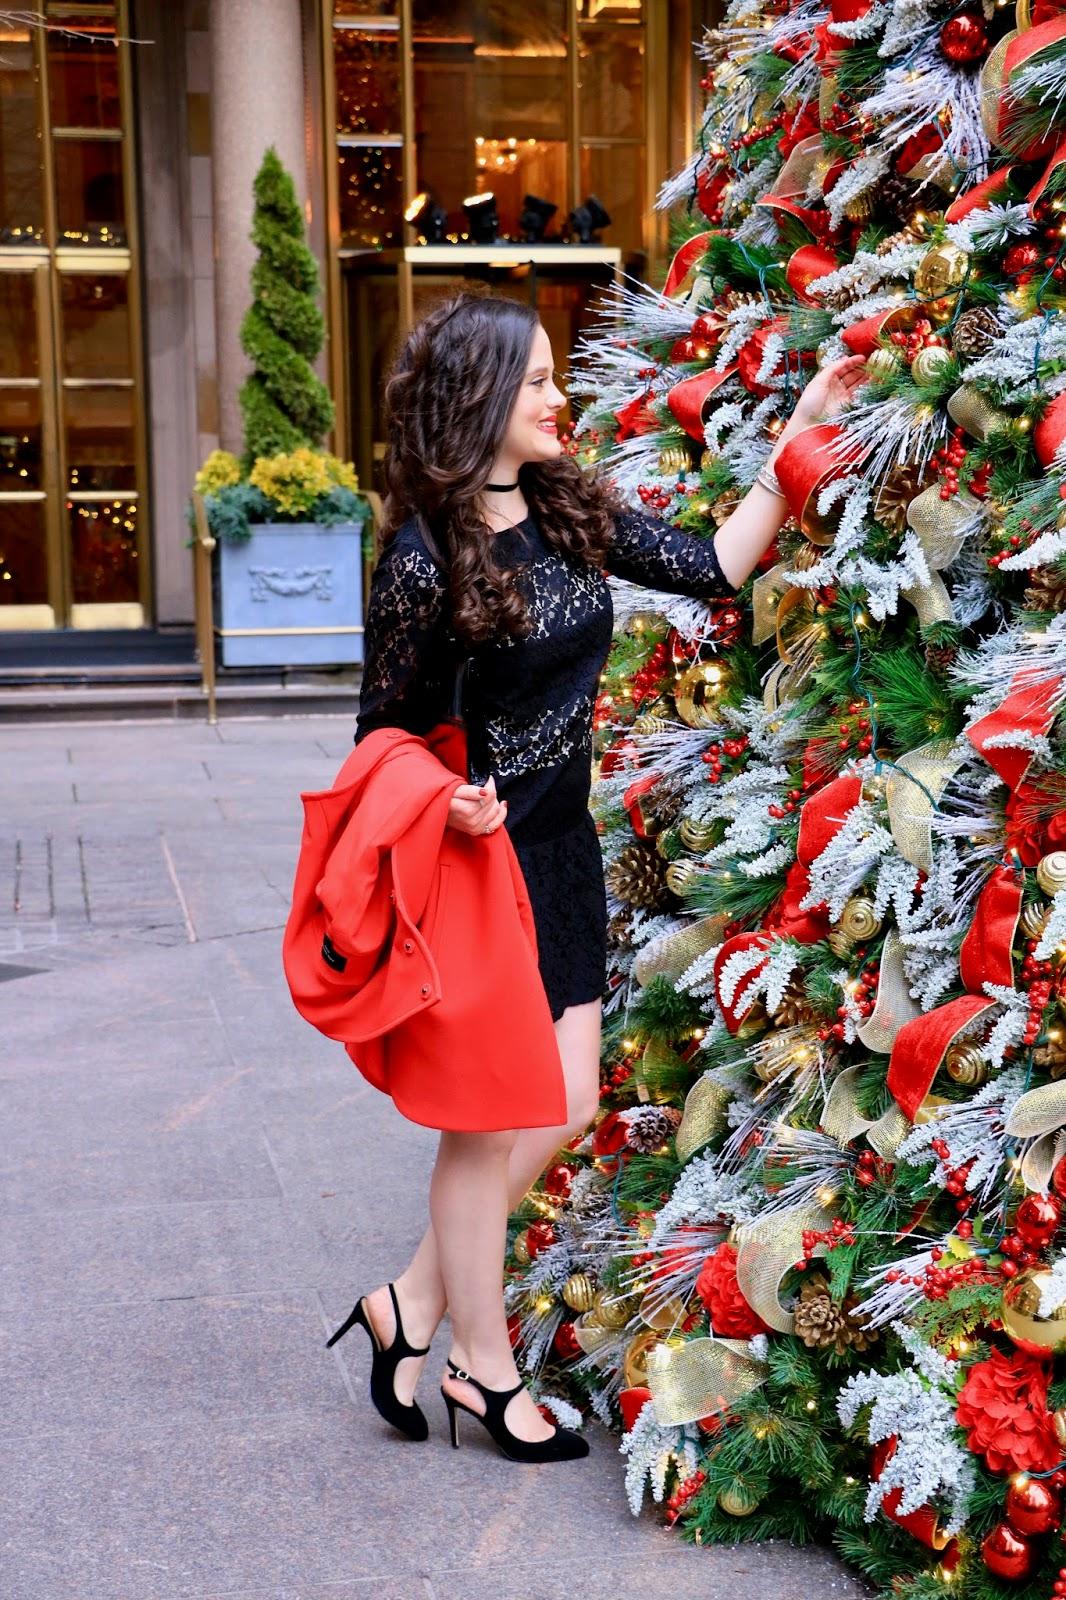 nyc christmas tree pics